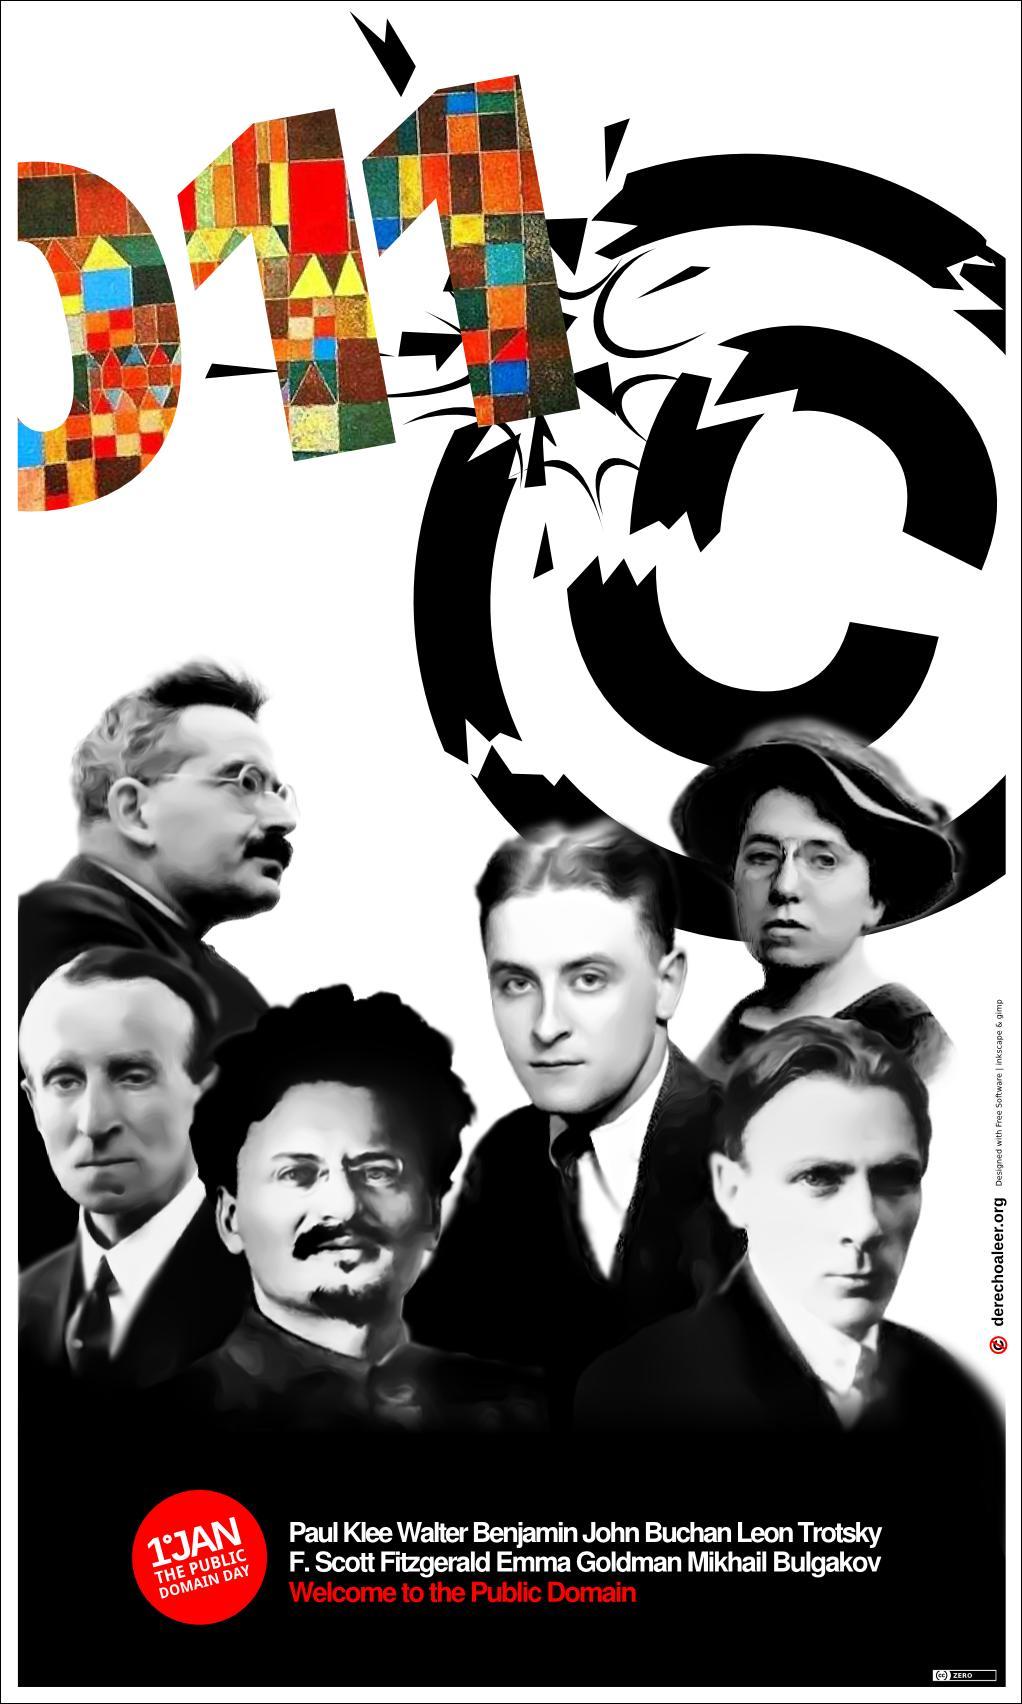 extraído de derechoaleer.org